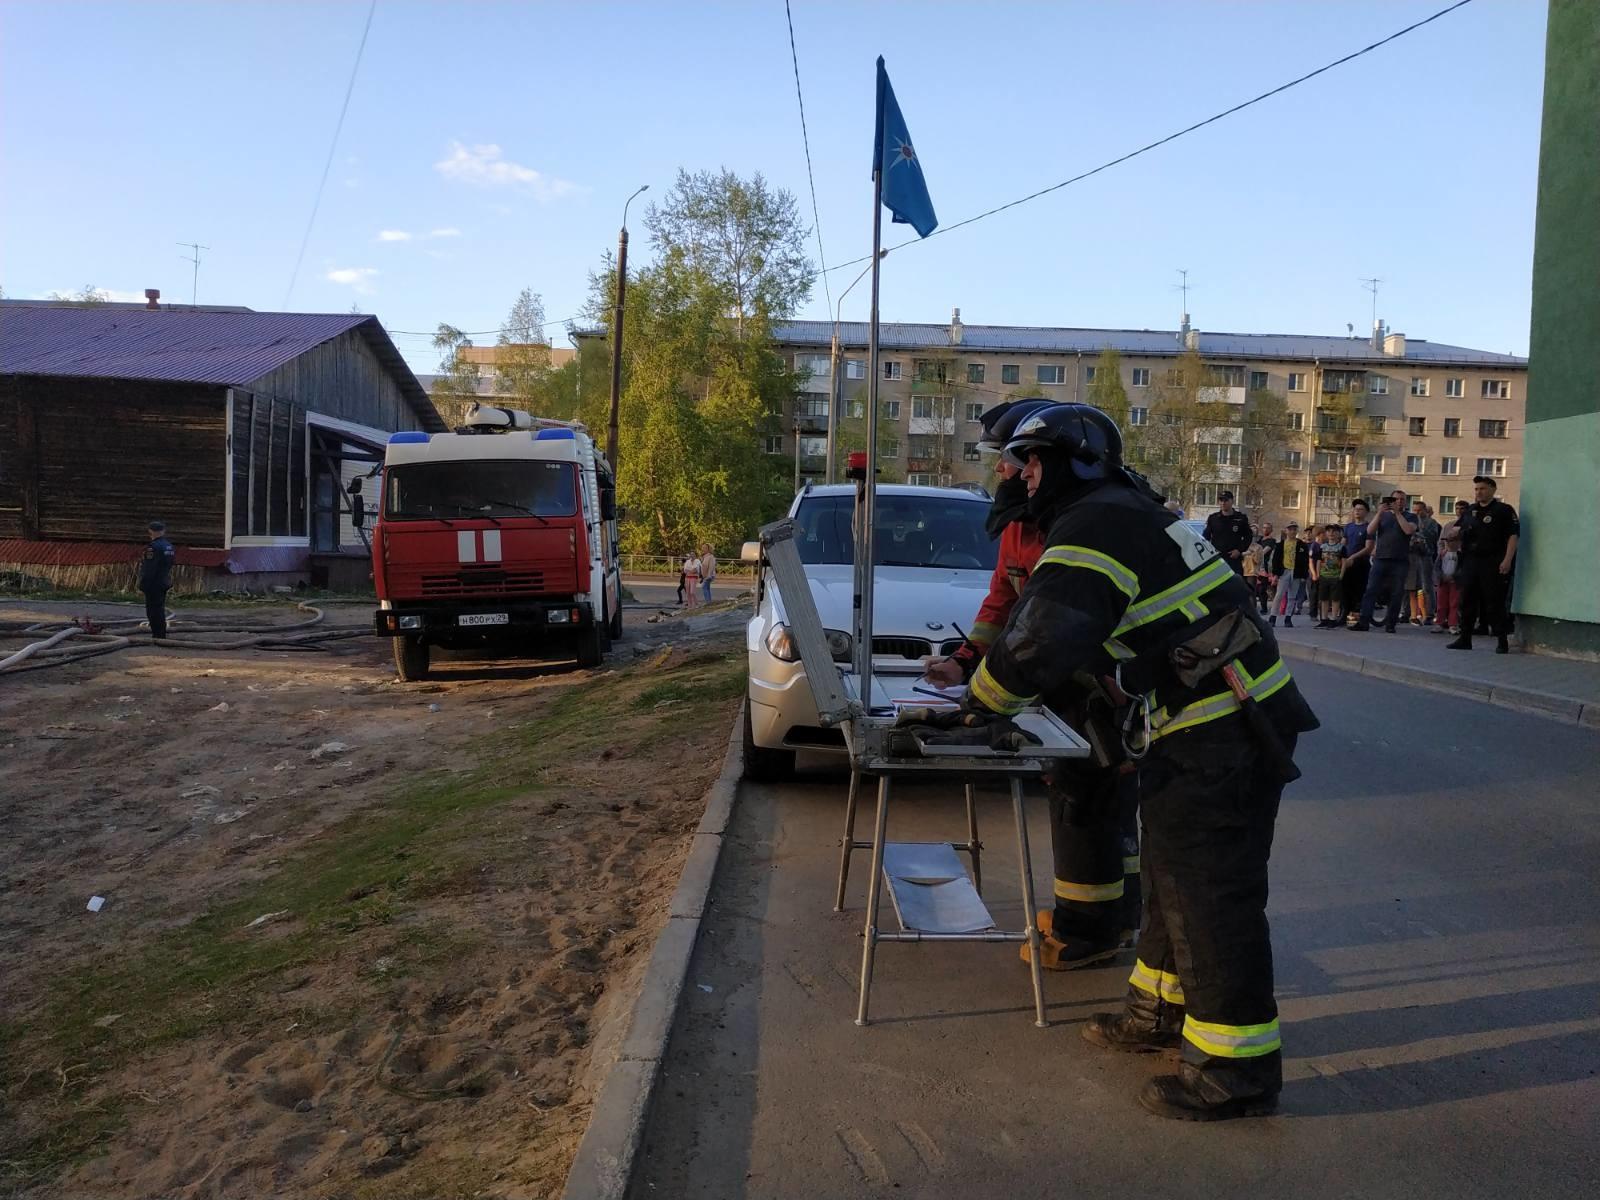 Пожарно-спасательные подразделения ликвидировали пожар в Онежском районе Архангельской области